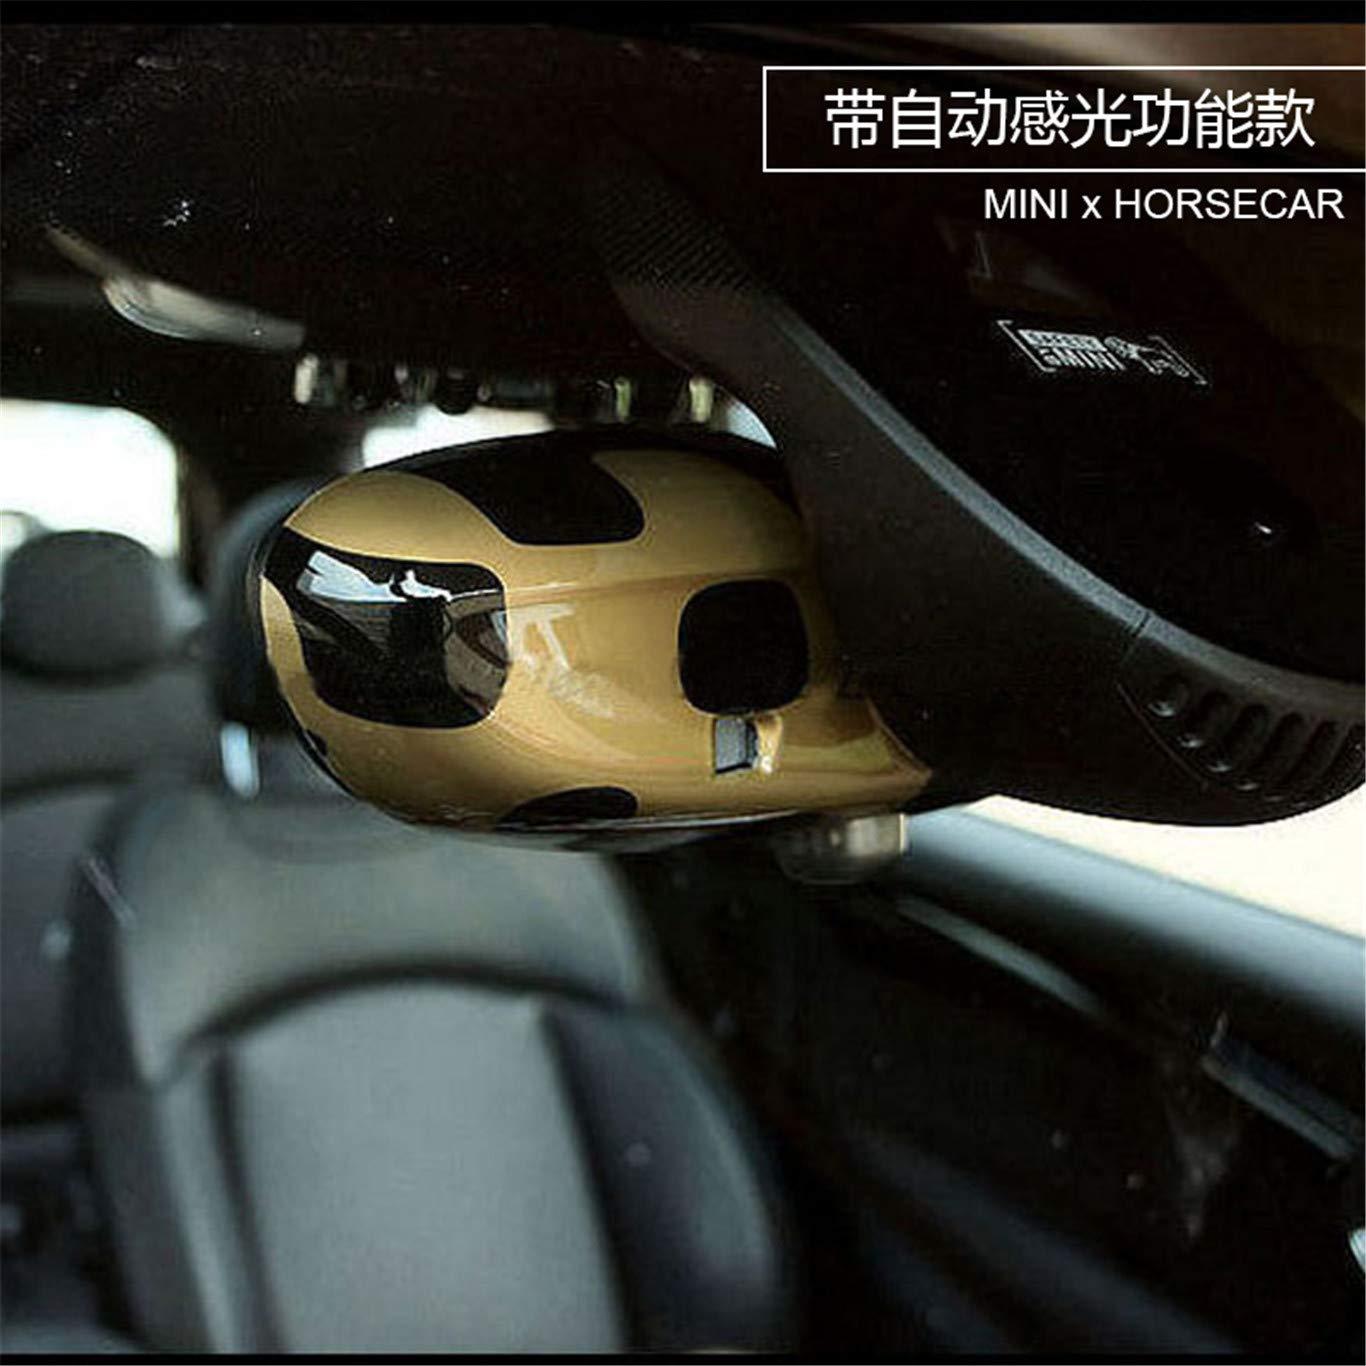 Tapa de Espejo retrovisor Interior para Mini Cooper F54 Clubman F55 Hardtop F56 Hatchback F57 Covertible F60 Countryman 2016+ HDX